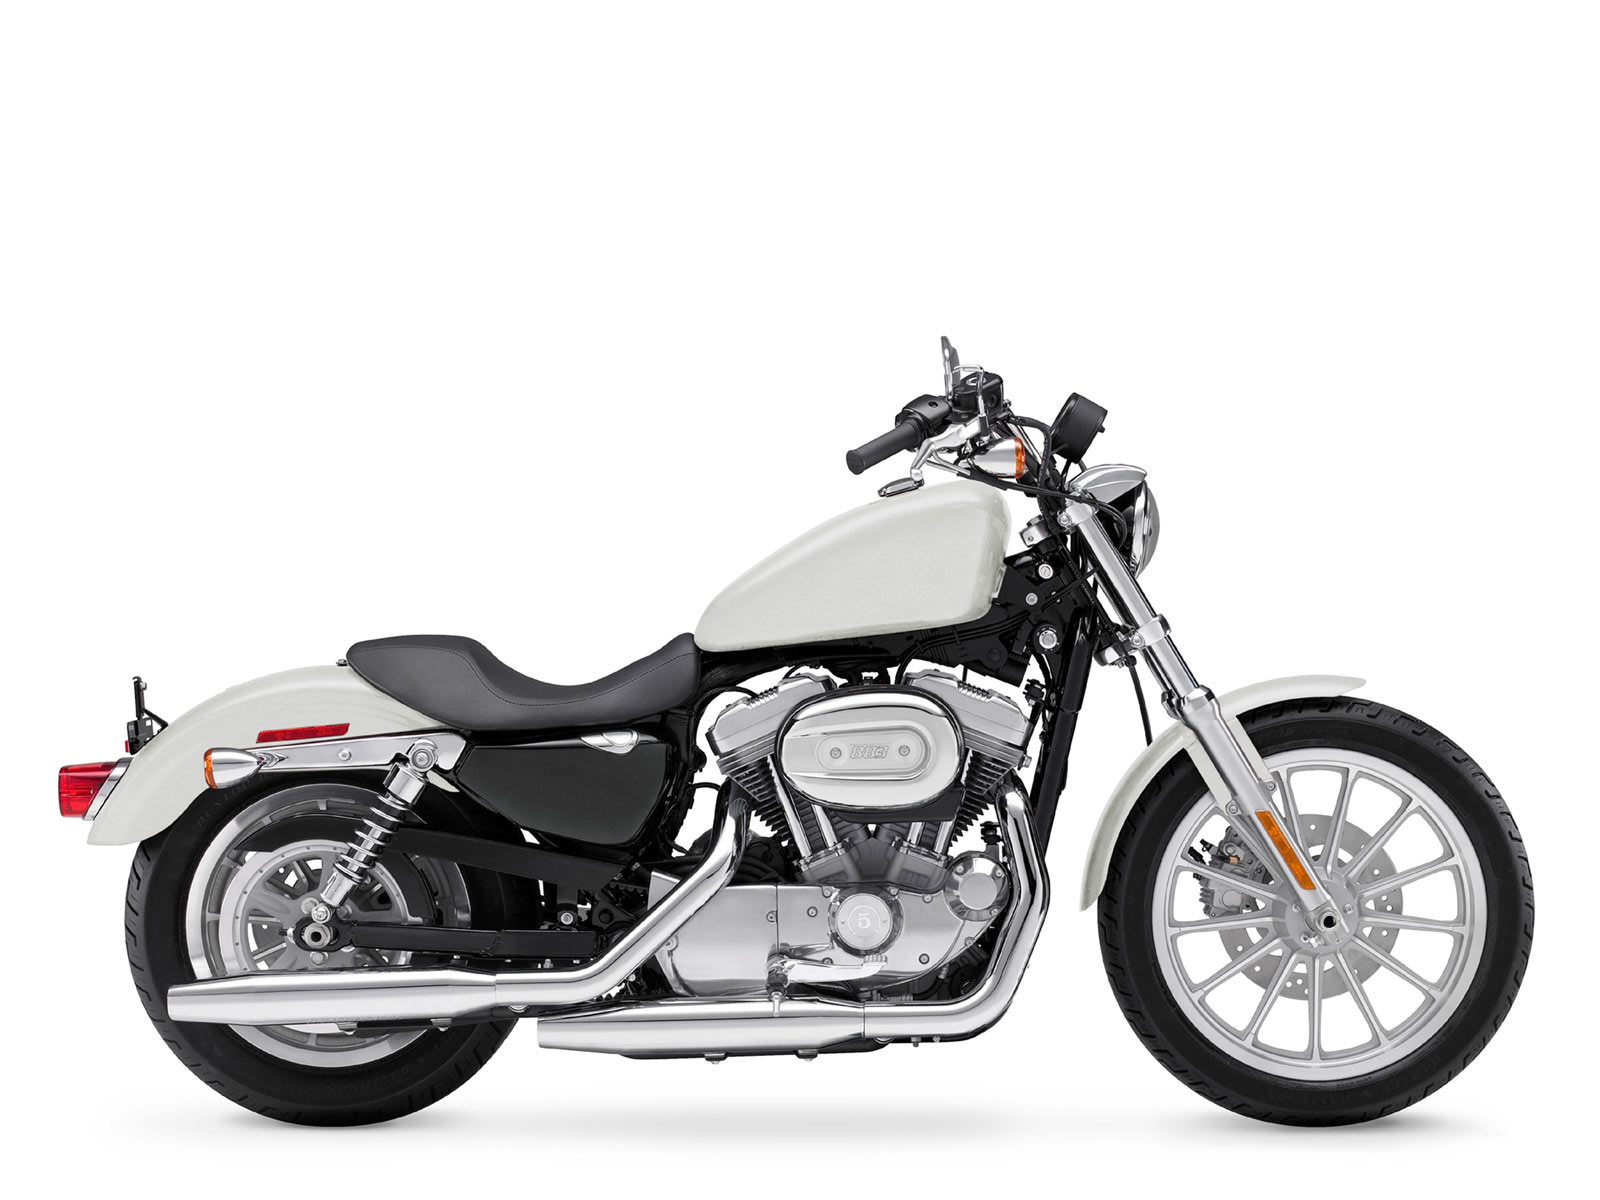 2009 Harley